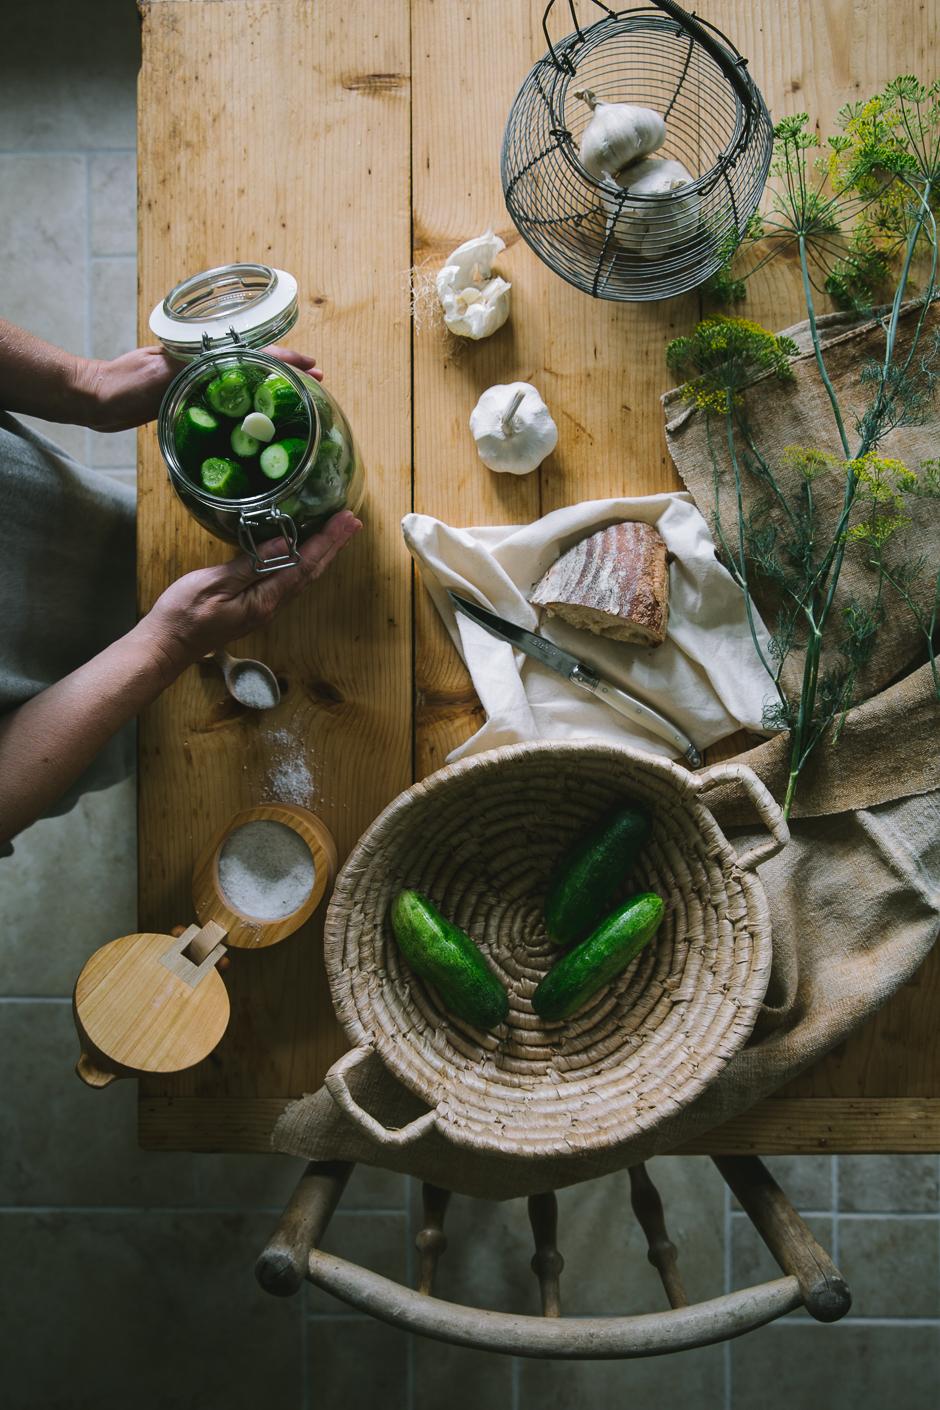 kovászos uborka az Emlékek Íze konyjájából/fermented cucumber from the Taste of Memories country kitchen www.tasteofmemories.com